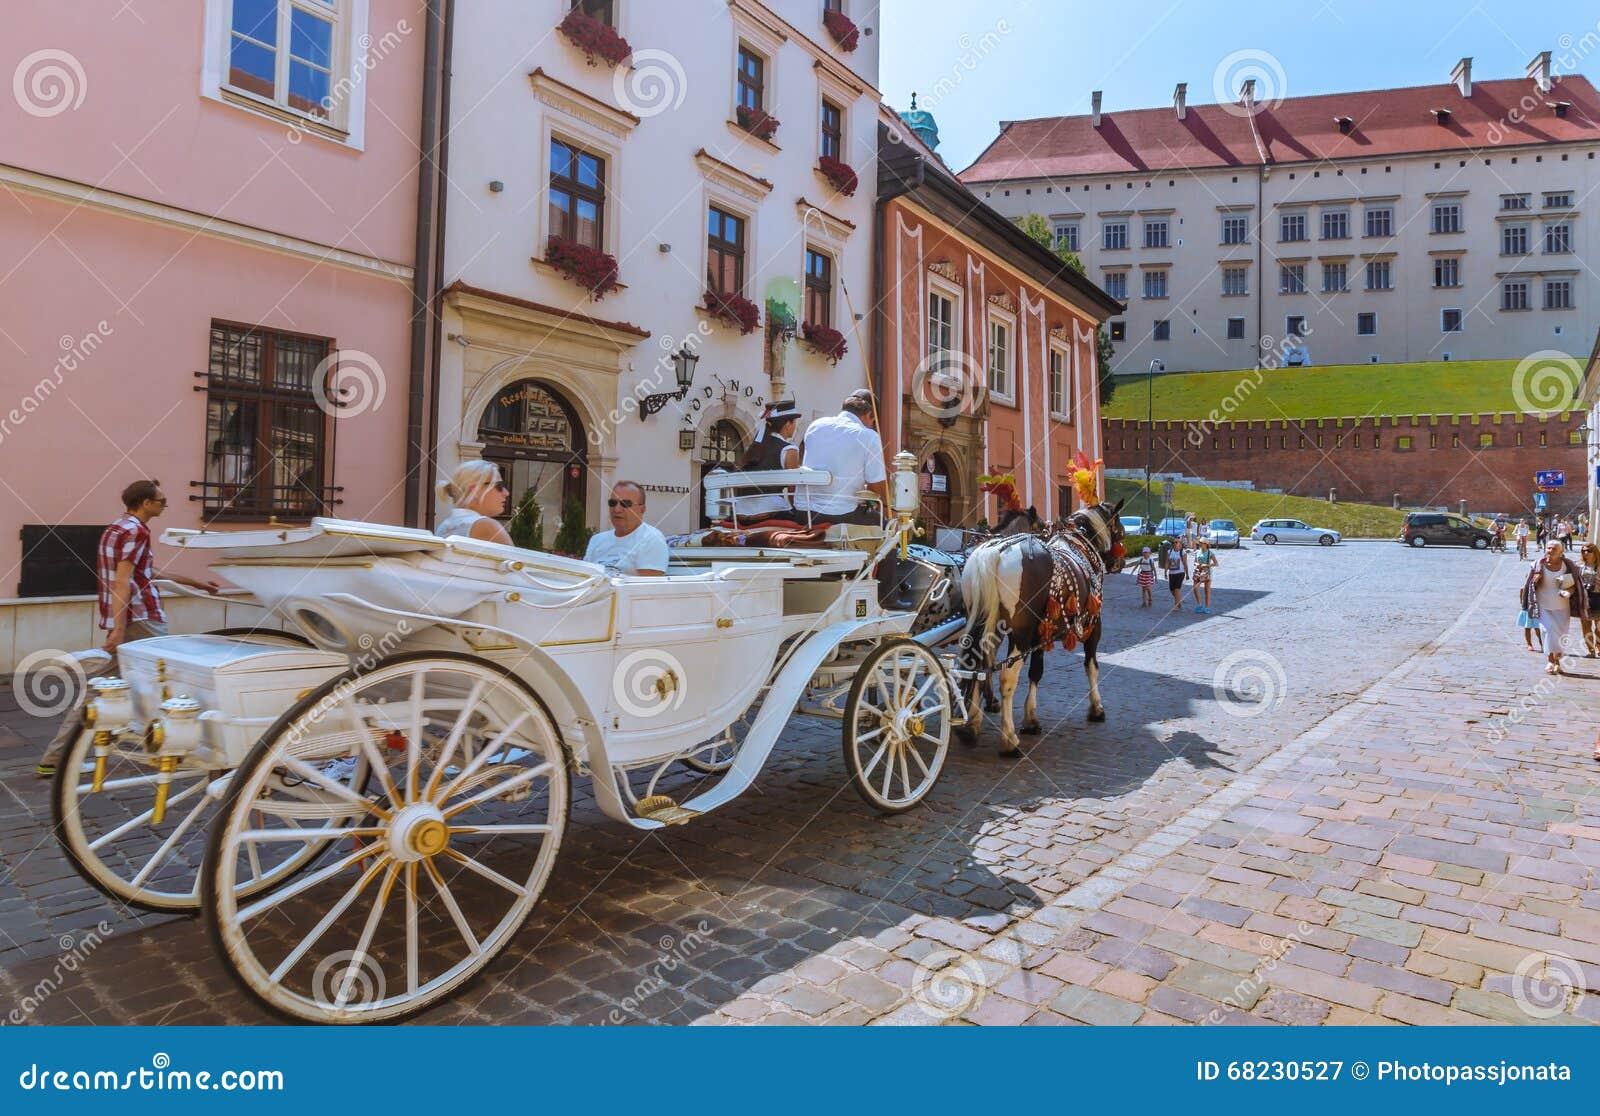 克拉科夫(克拉科夫) -波兰马对Wawel城堡的支架游览